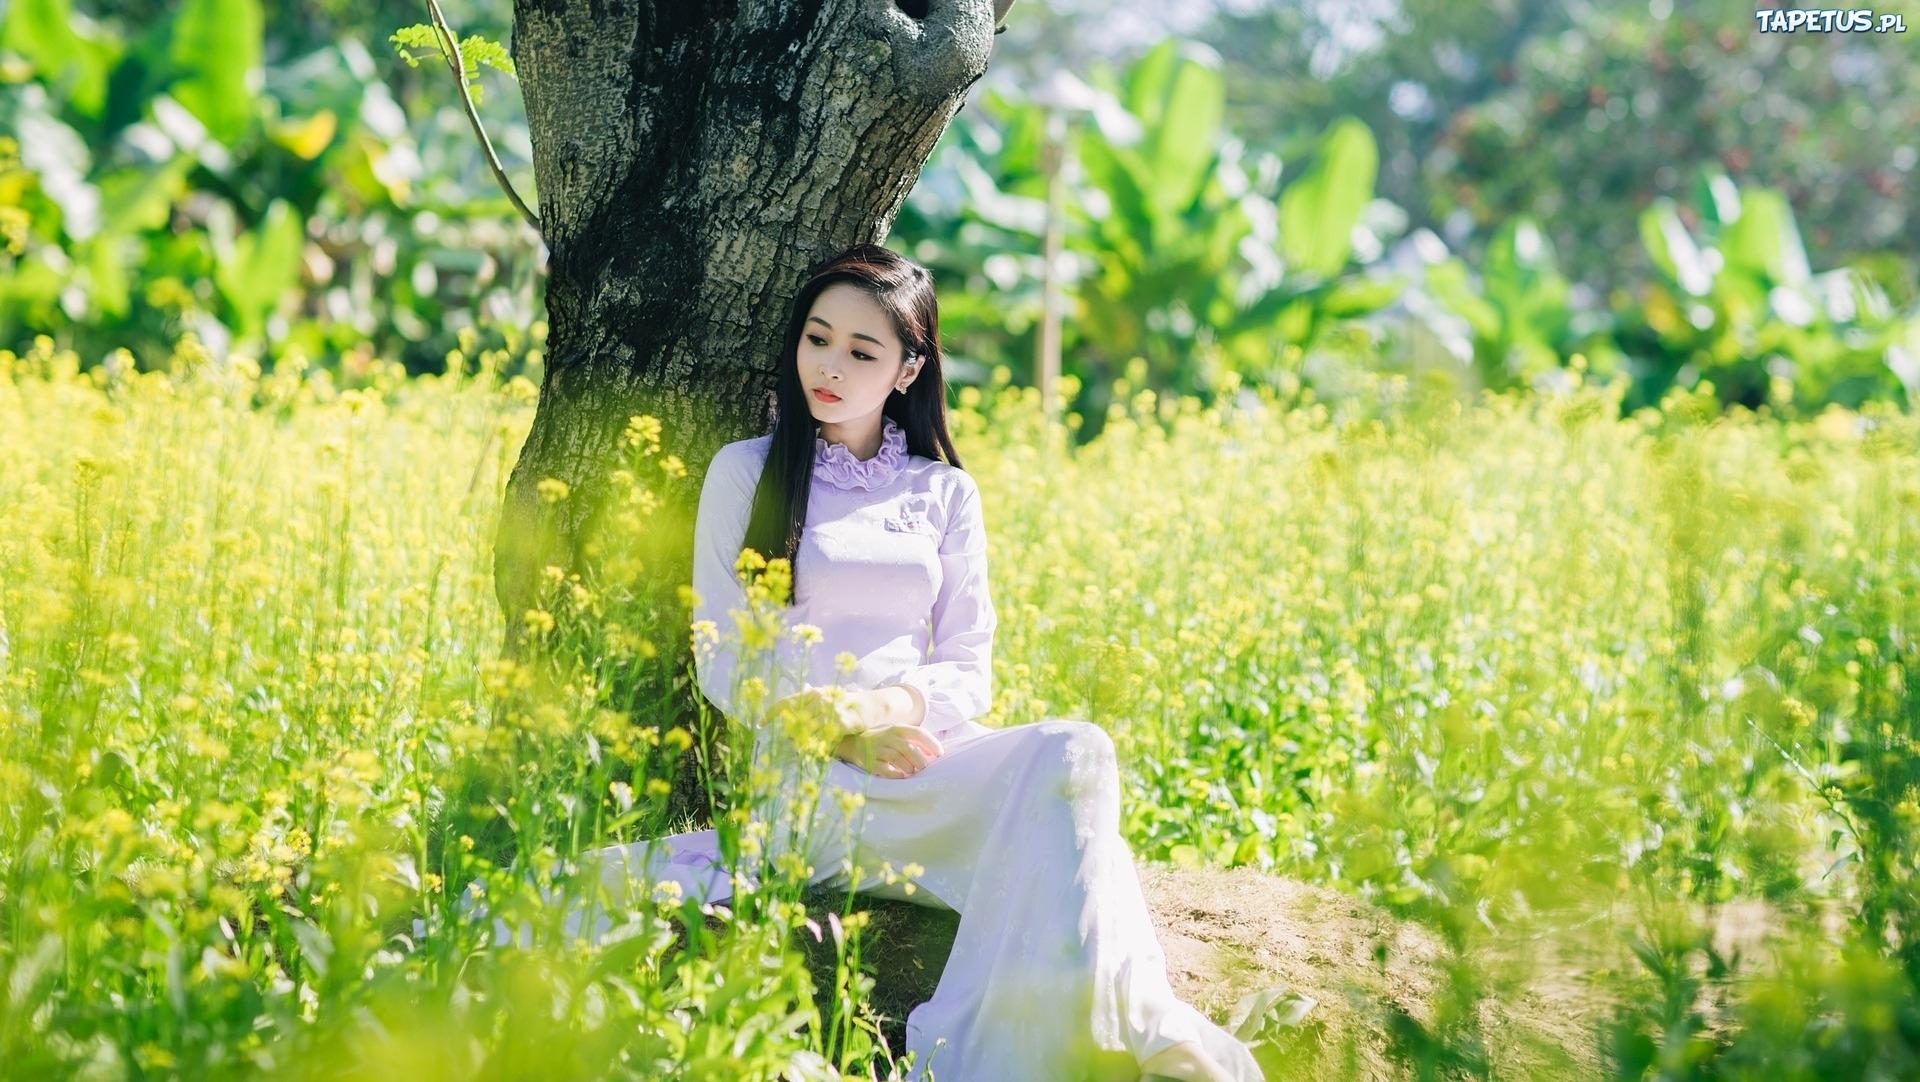 Wiosna Ka Kwiaty Kobieta Drzewo